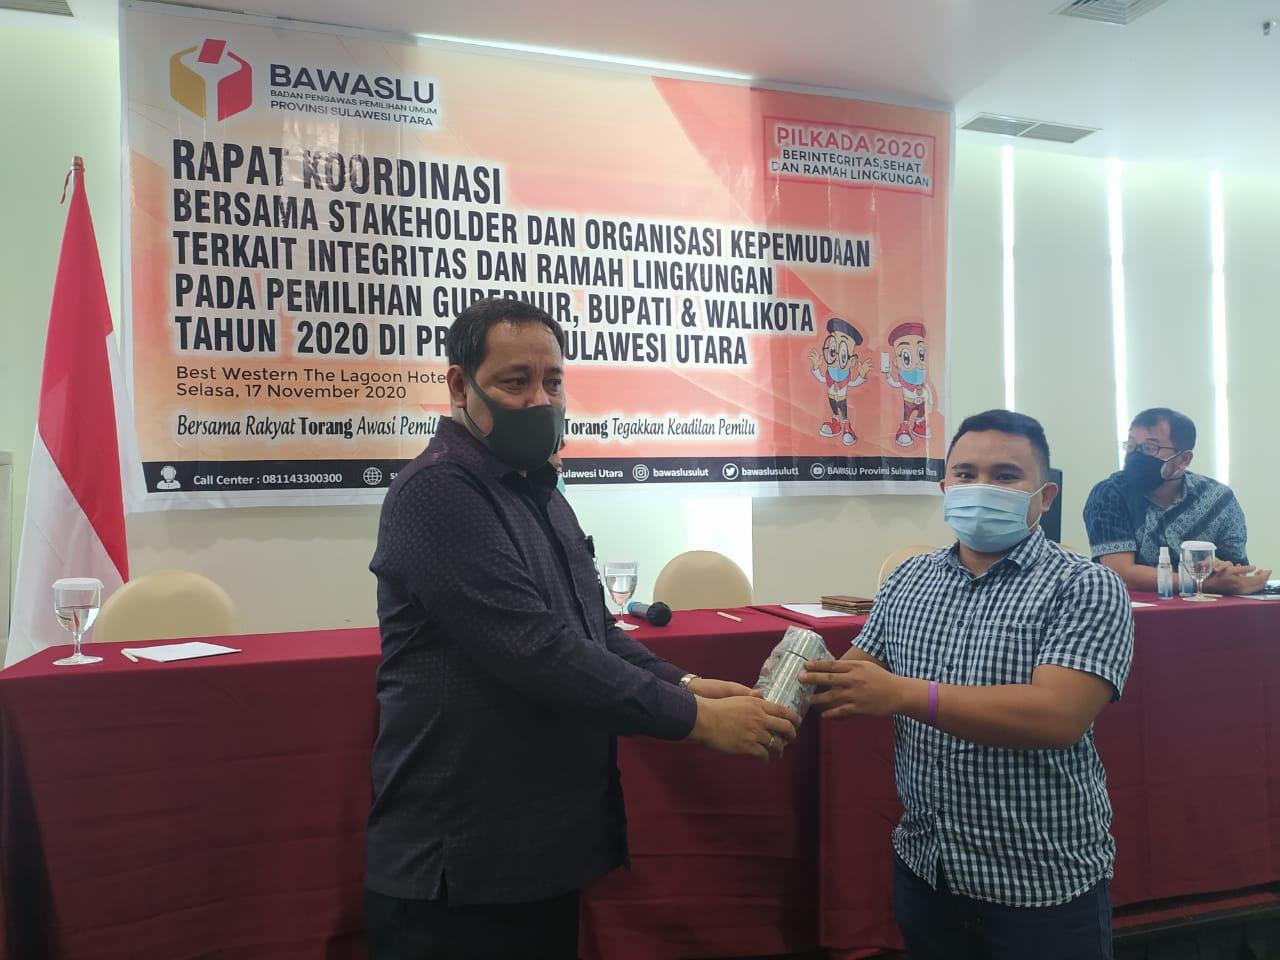 Divisi SDM dan Organisasi Bawaslu Provinsi Sulawesi Utara gelar Rapat Koordinasi Bersama Stakeholder dan Organisasi Kepemiluan Terkait Integritas dan Ramah Lingkungan Pada Pemilihan Gubernur, Bupati, dan Walikota Tahun 2020